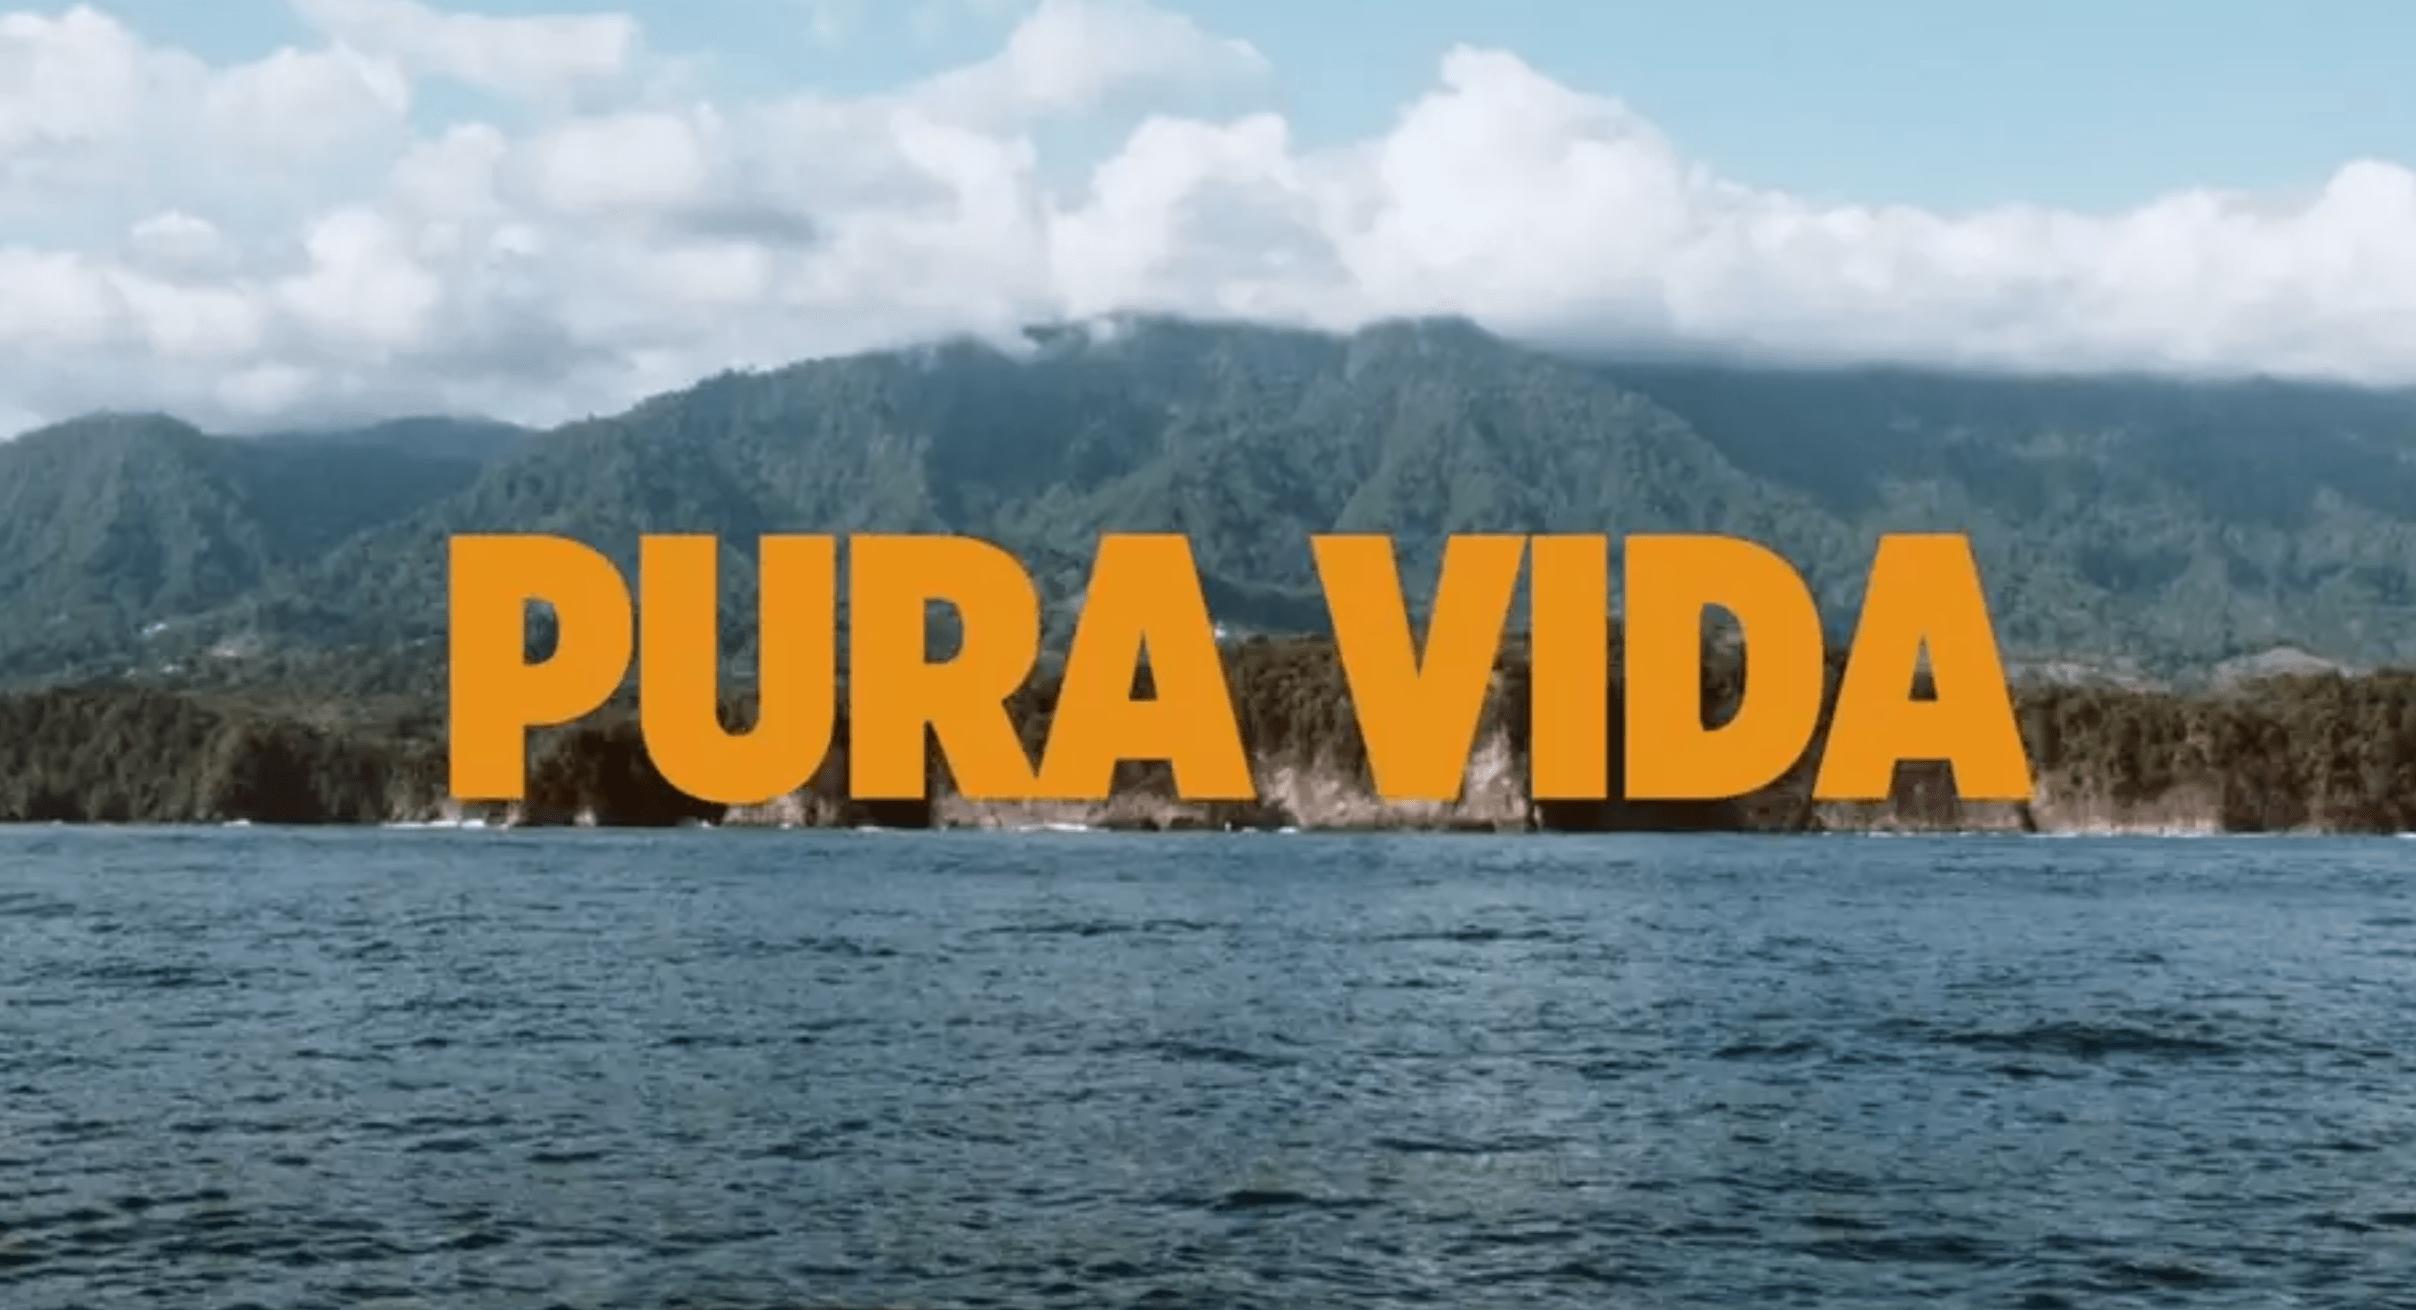 Video: Pura Vida in Costa Rica